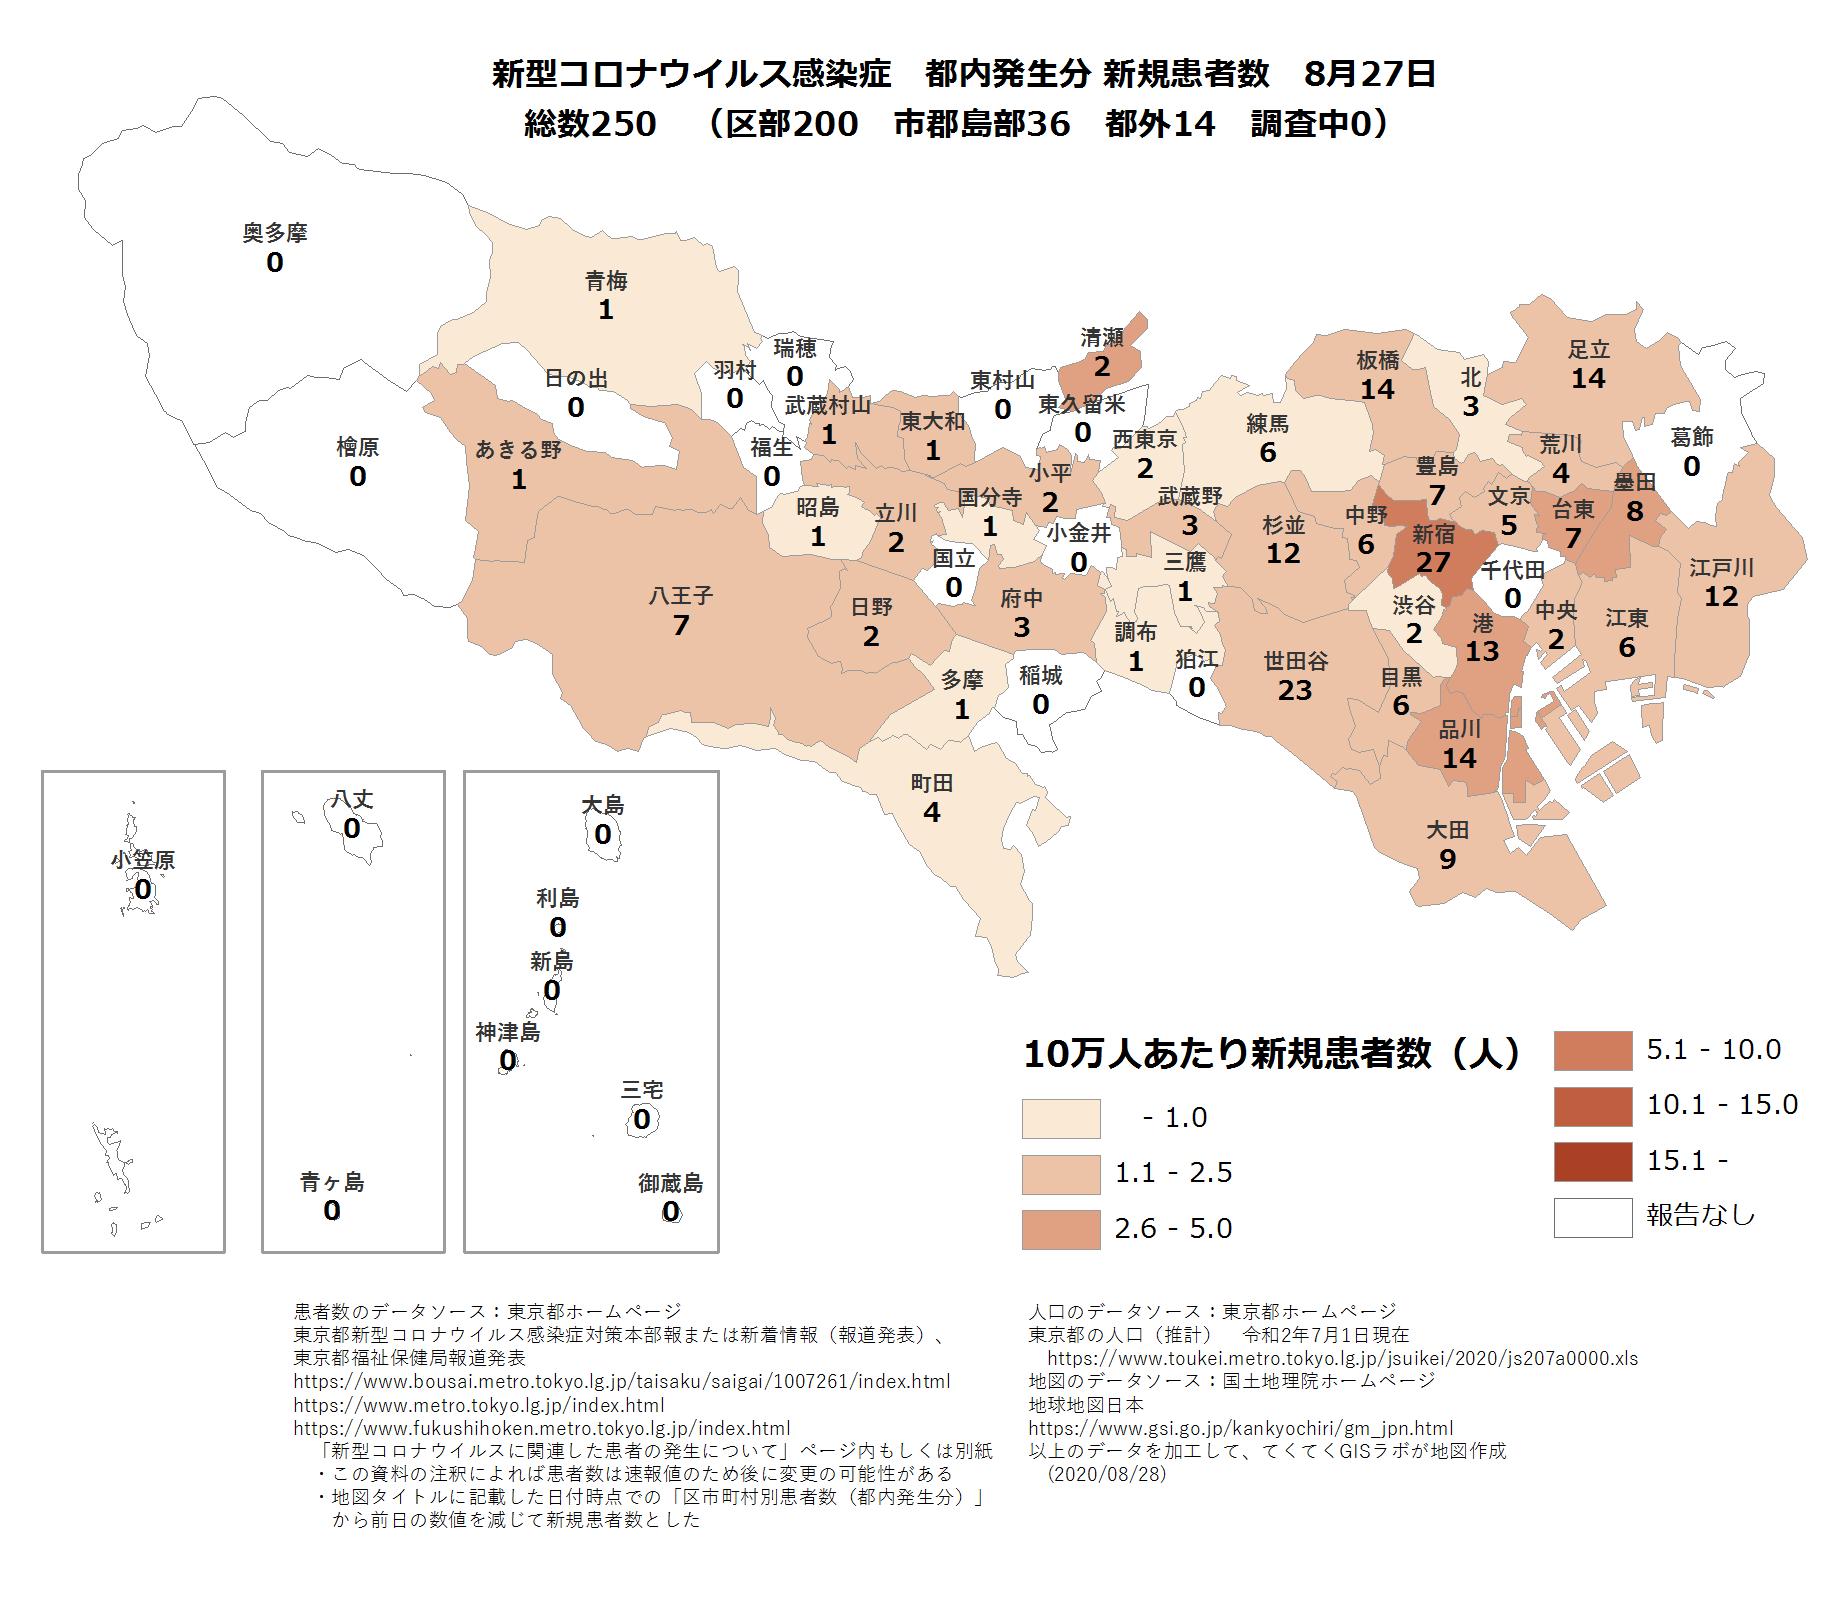 市区町村ごと新規患者数8月27日東京